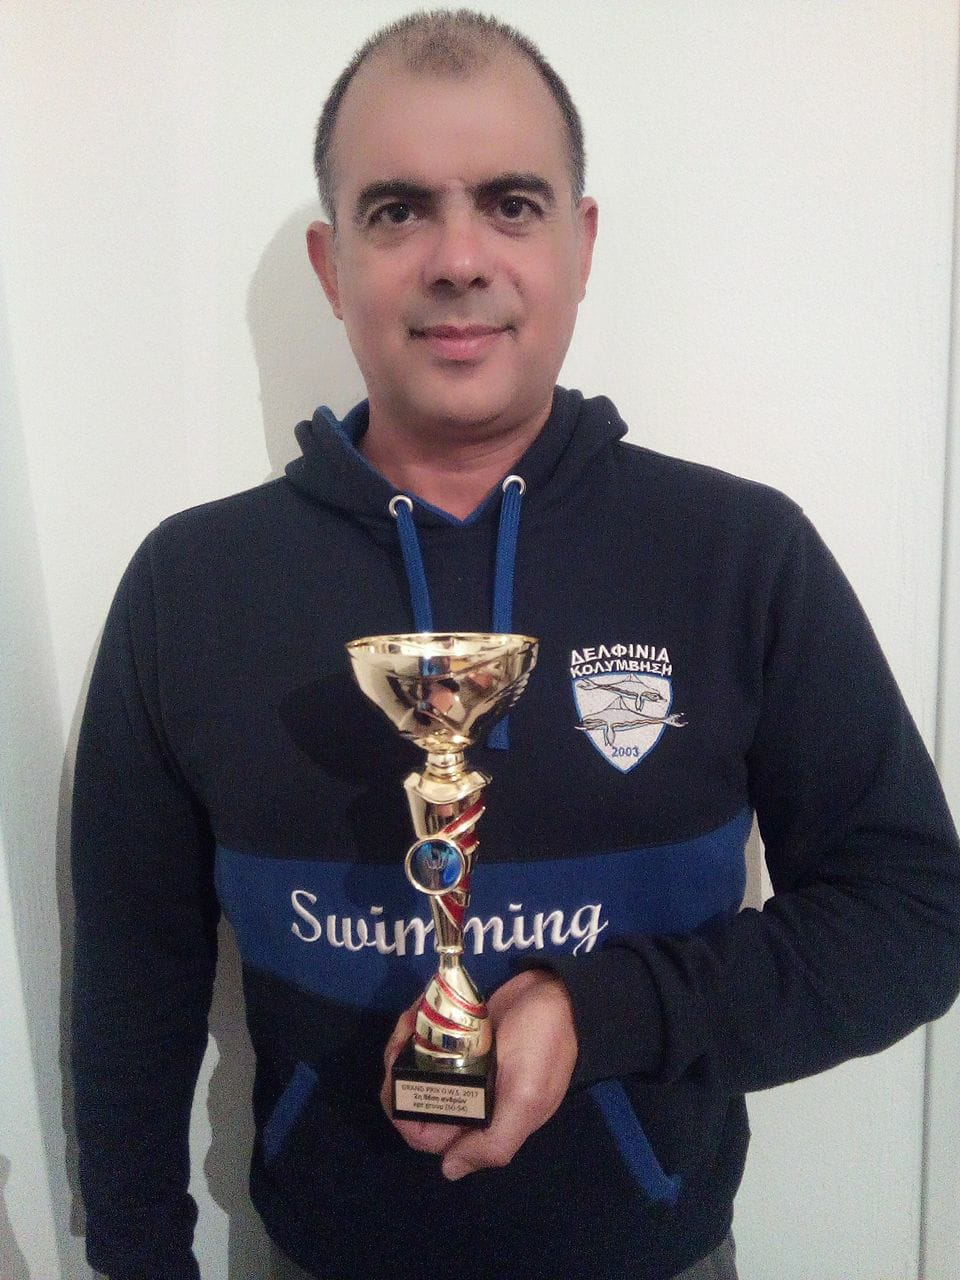 Βραβεύτηκε ο Μιχάλης Αρβανιτάκης στο Πανελλήνιο Πρωτάθλημα Σειράς Αγώνων Κολύμβησης OWS 2017